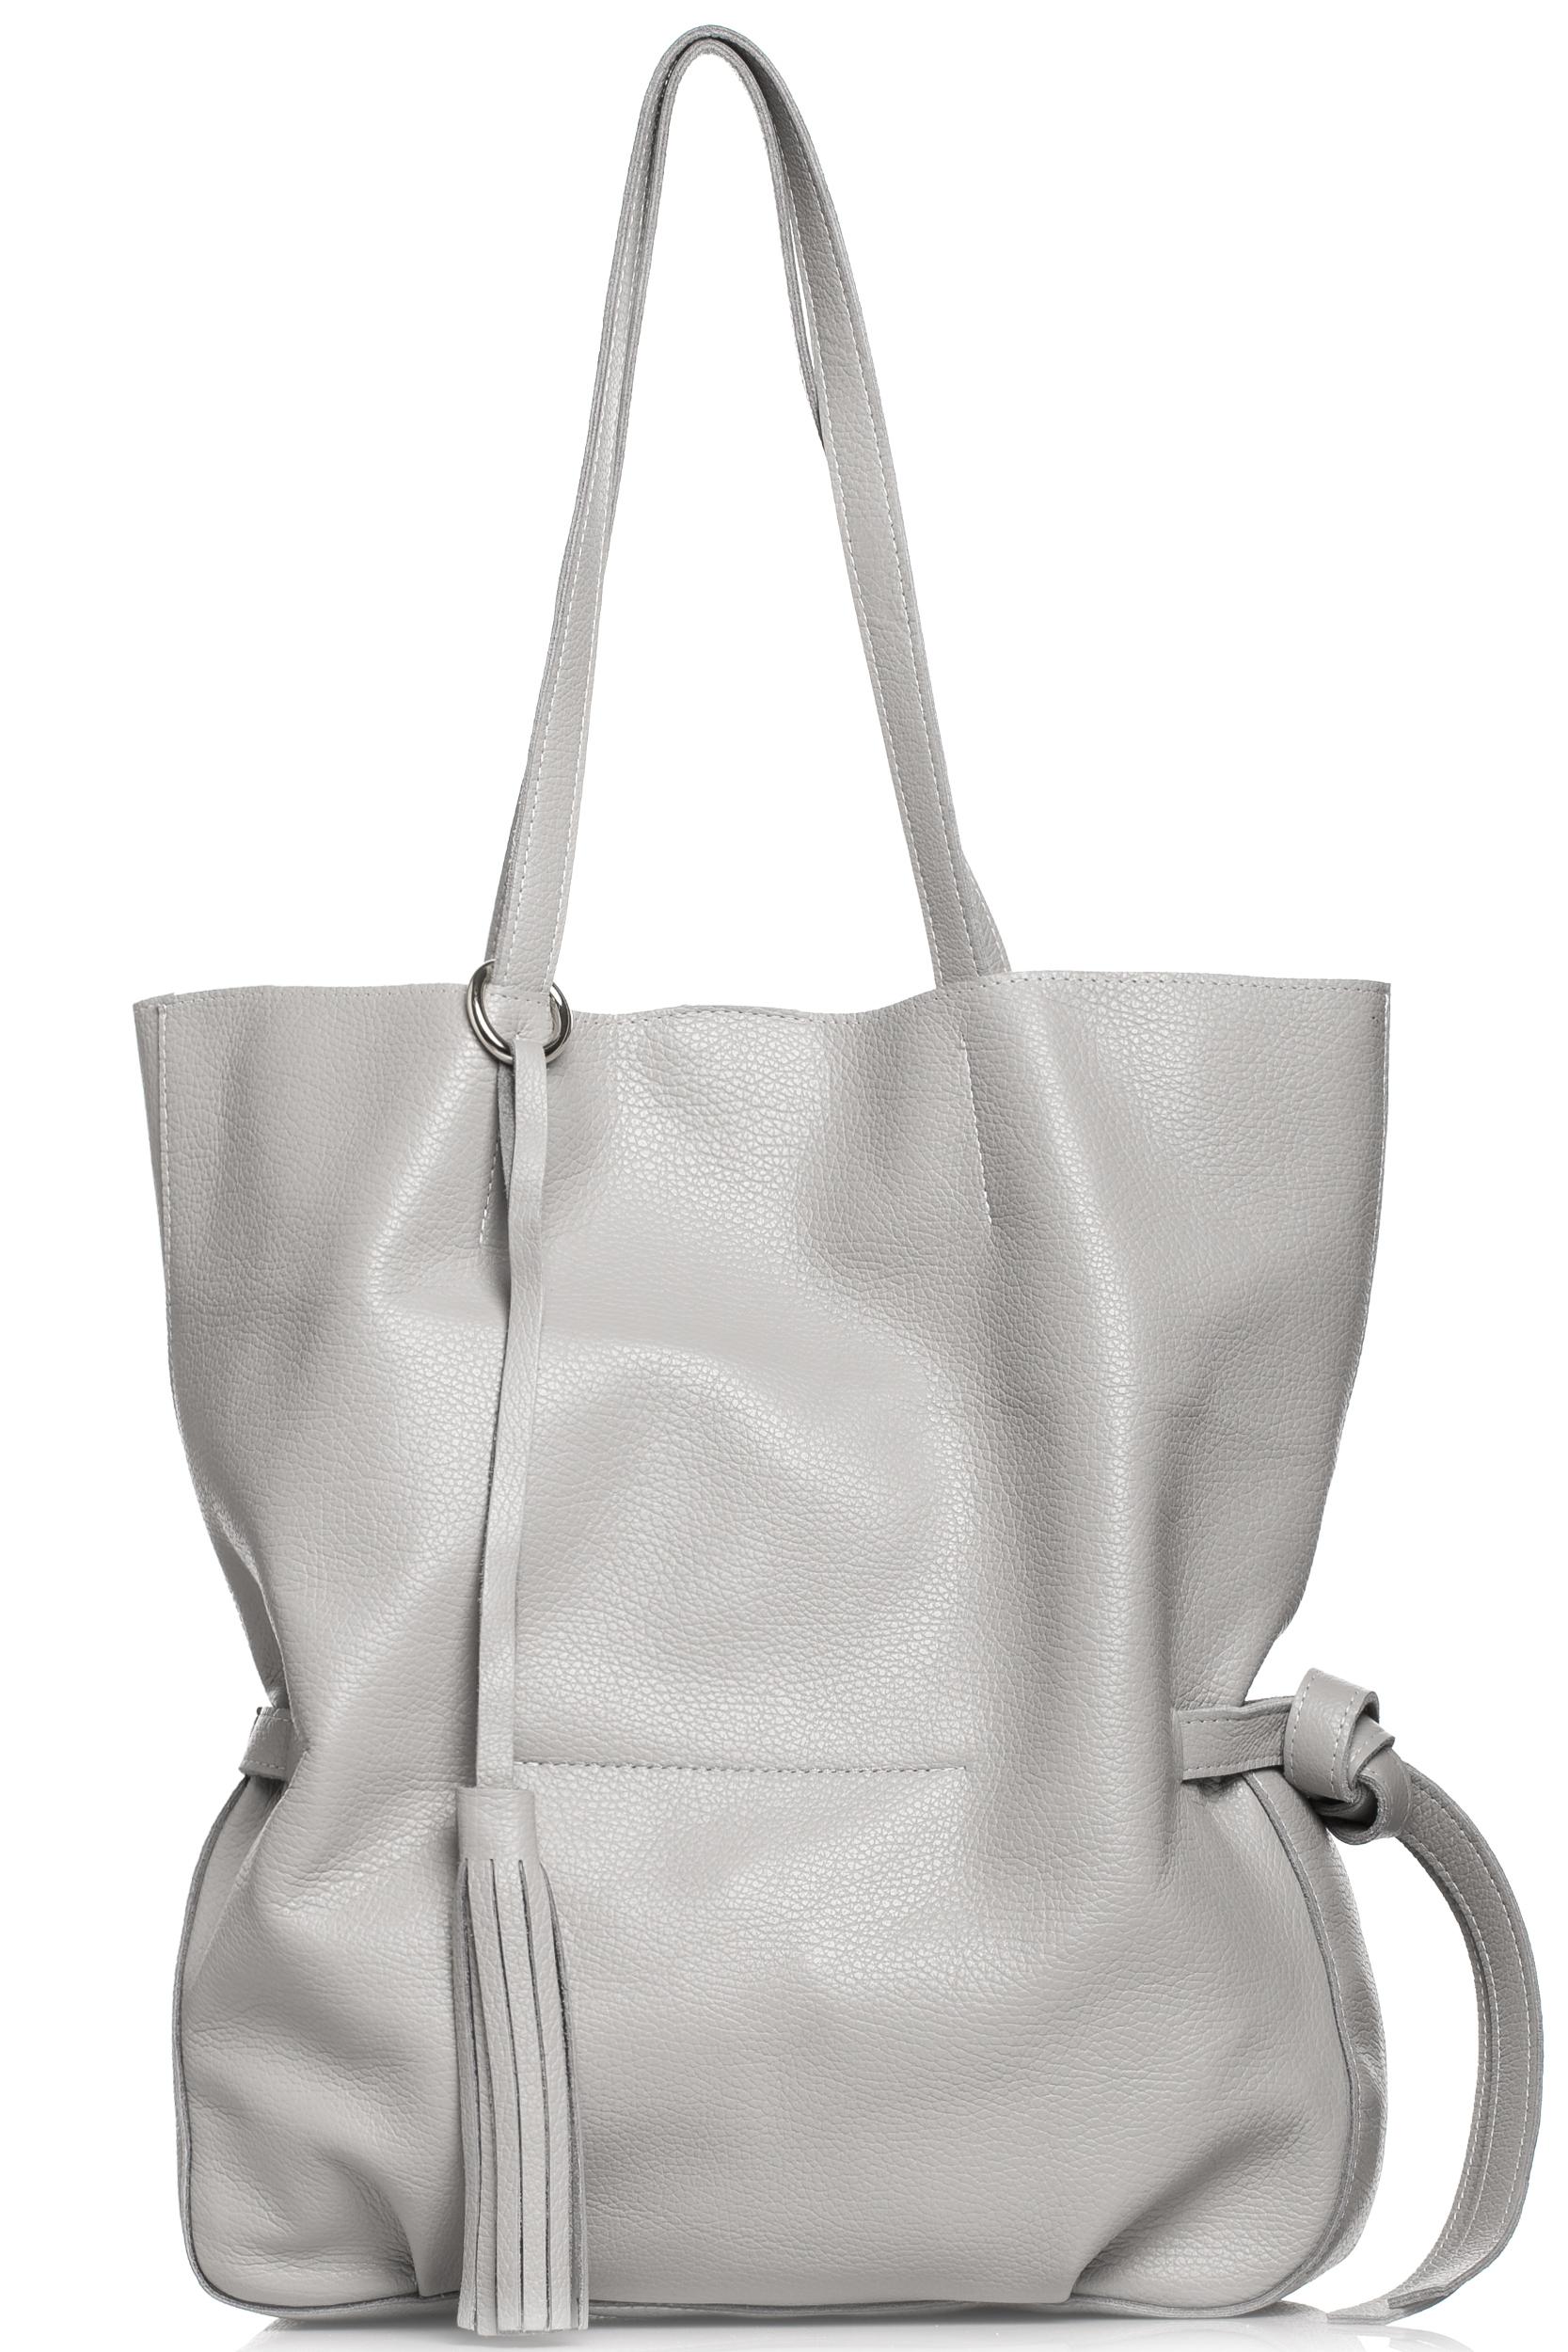 CM4613 Stylowa torebka z ozdobnymi frędzlami - szara